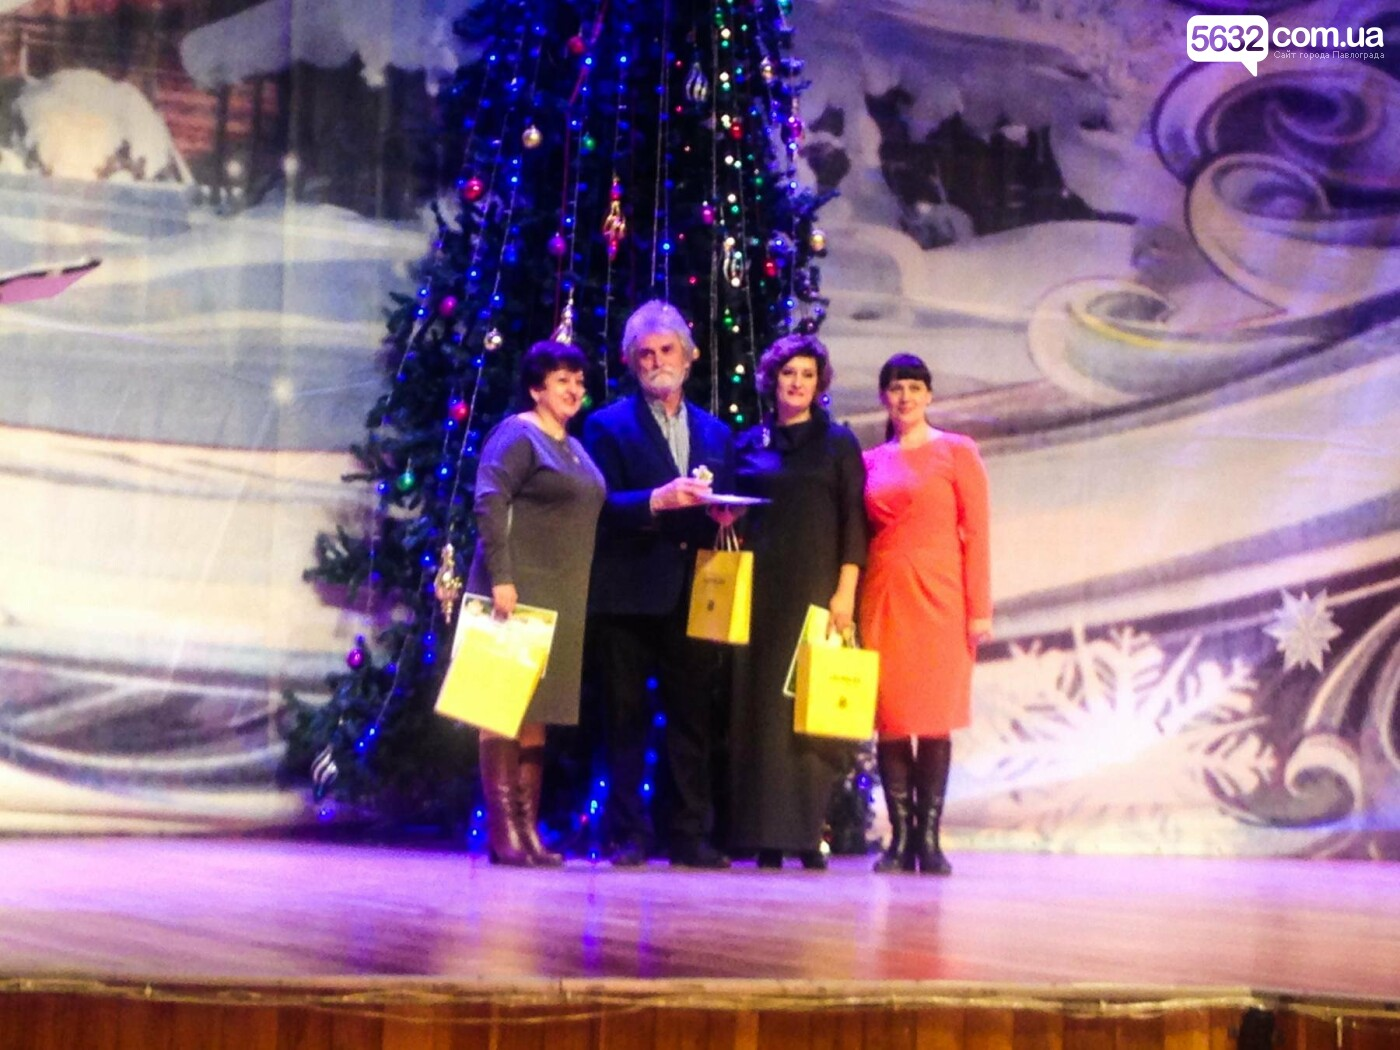 В Павлограде подвели итоги конкурса «Творческое достижение года – 2017», фото-1